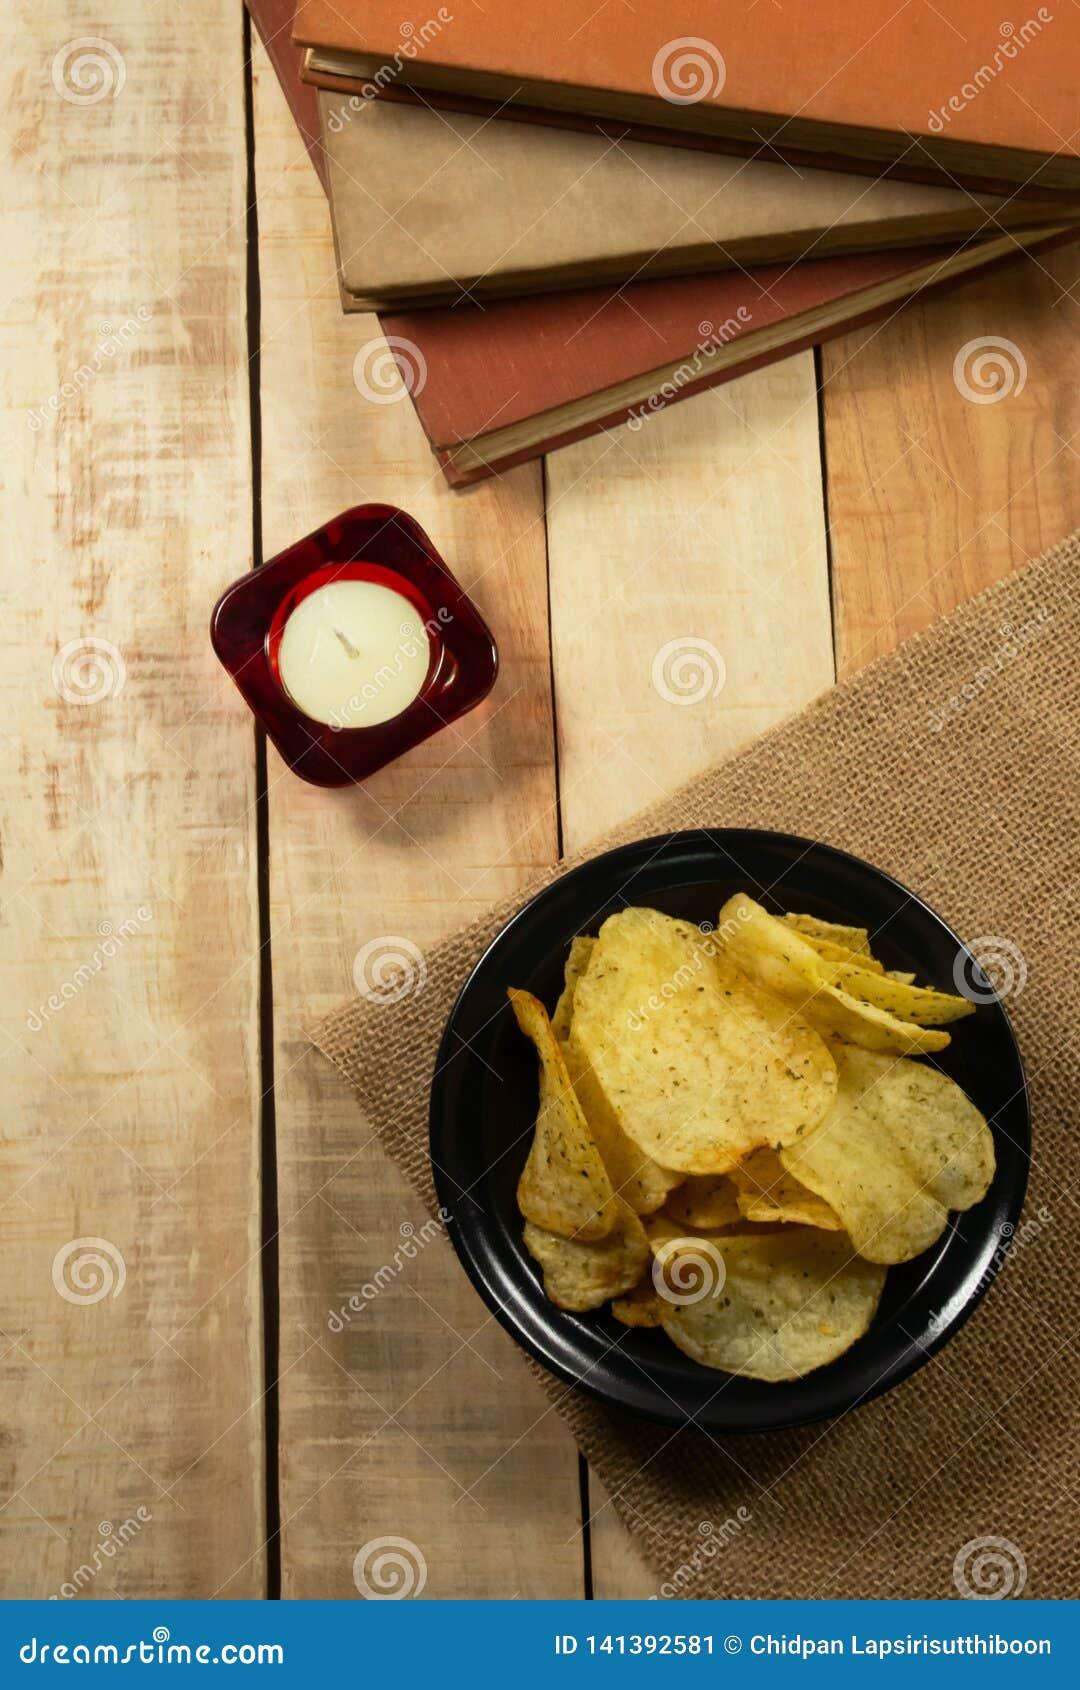 Patatine fritte in ciotola nera, candele di aromaterapia e libri su un pavimento di legno